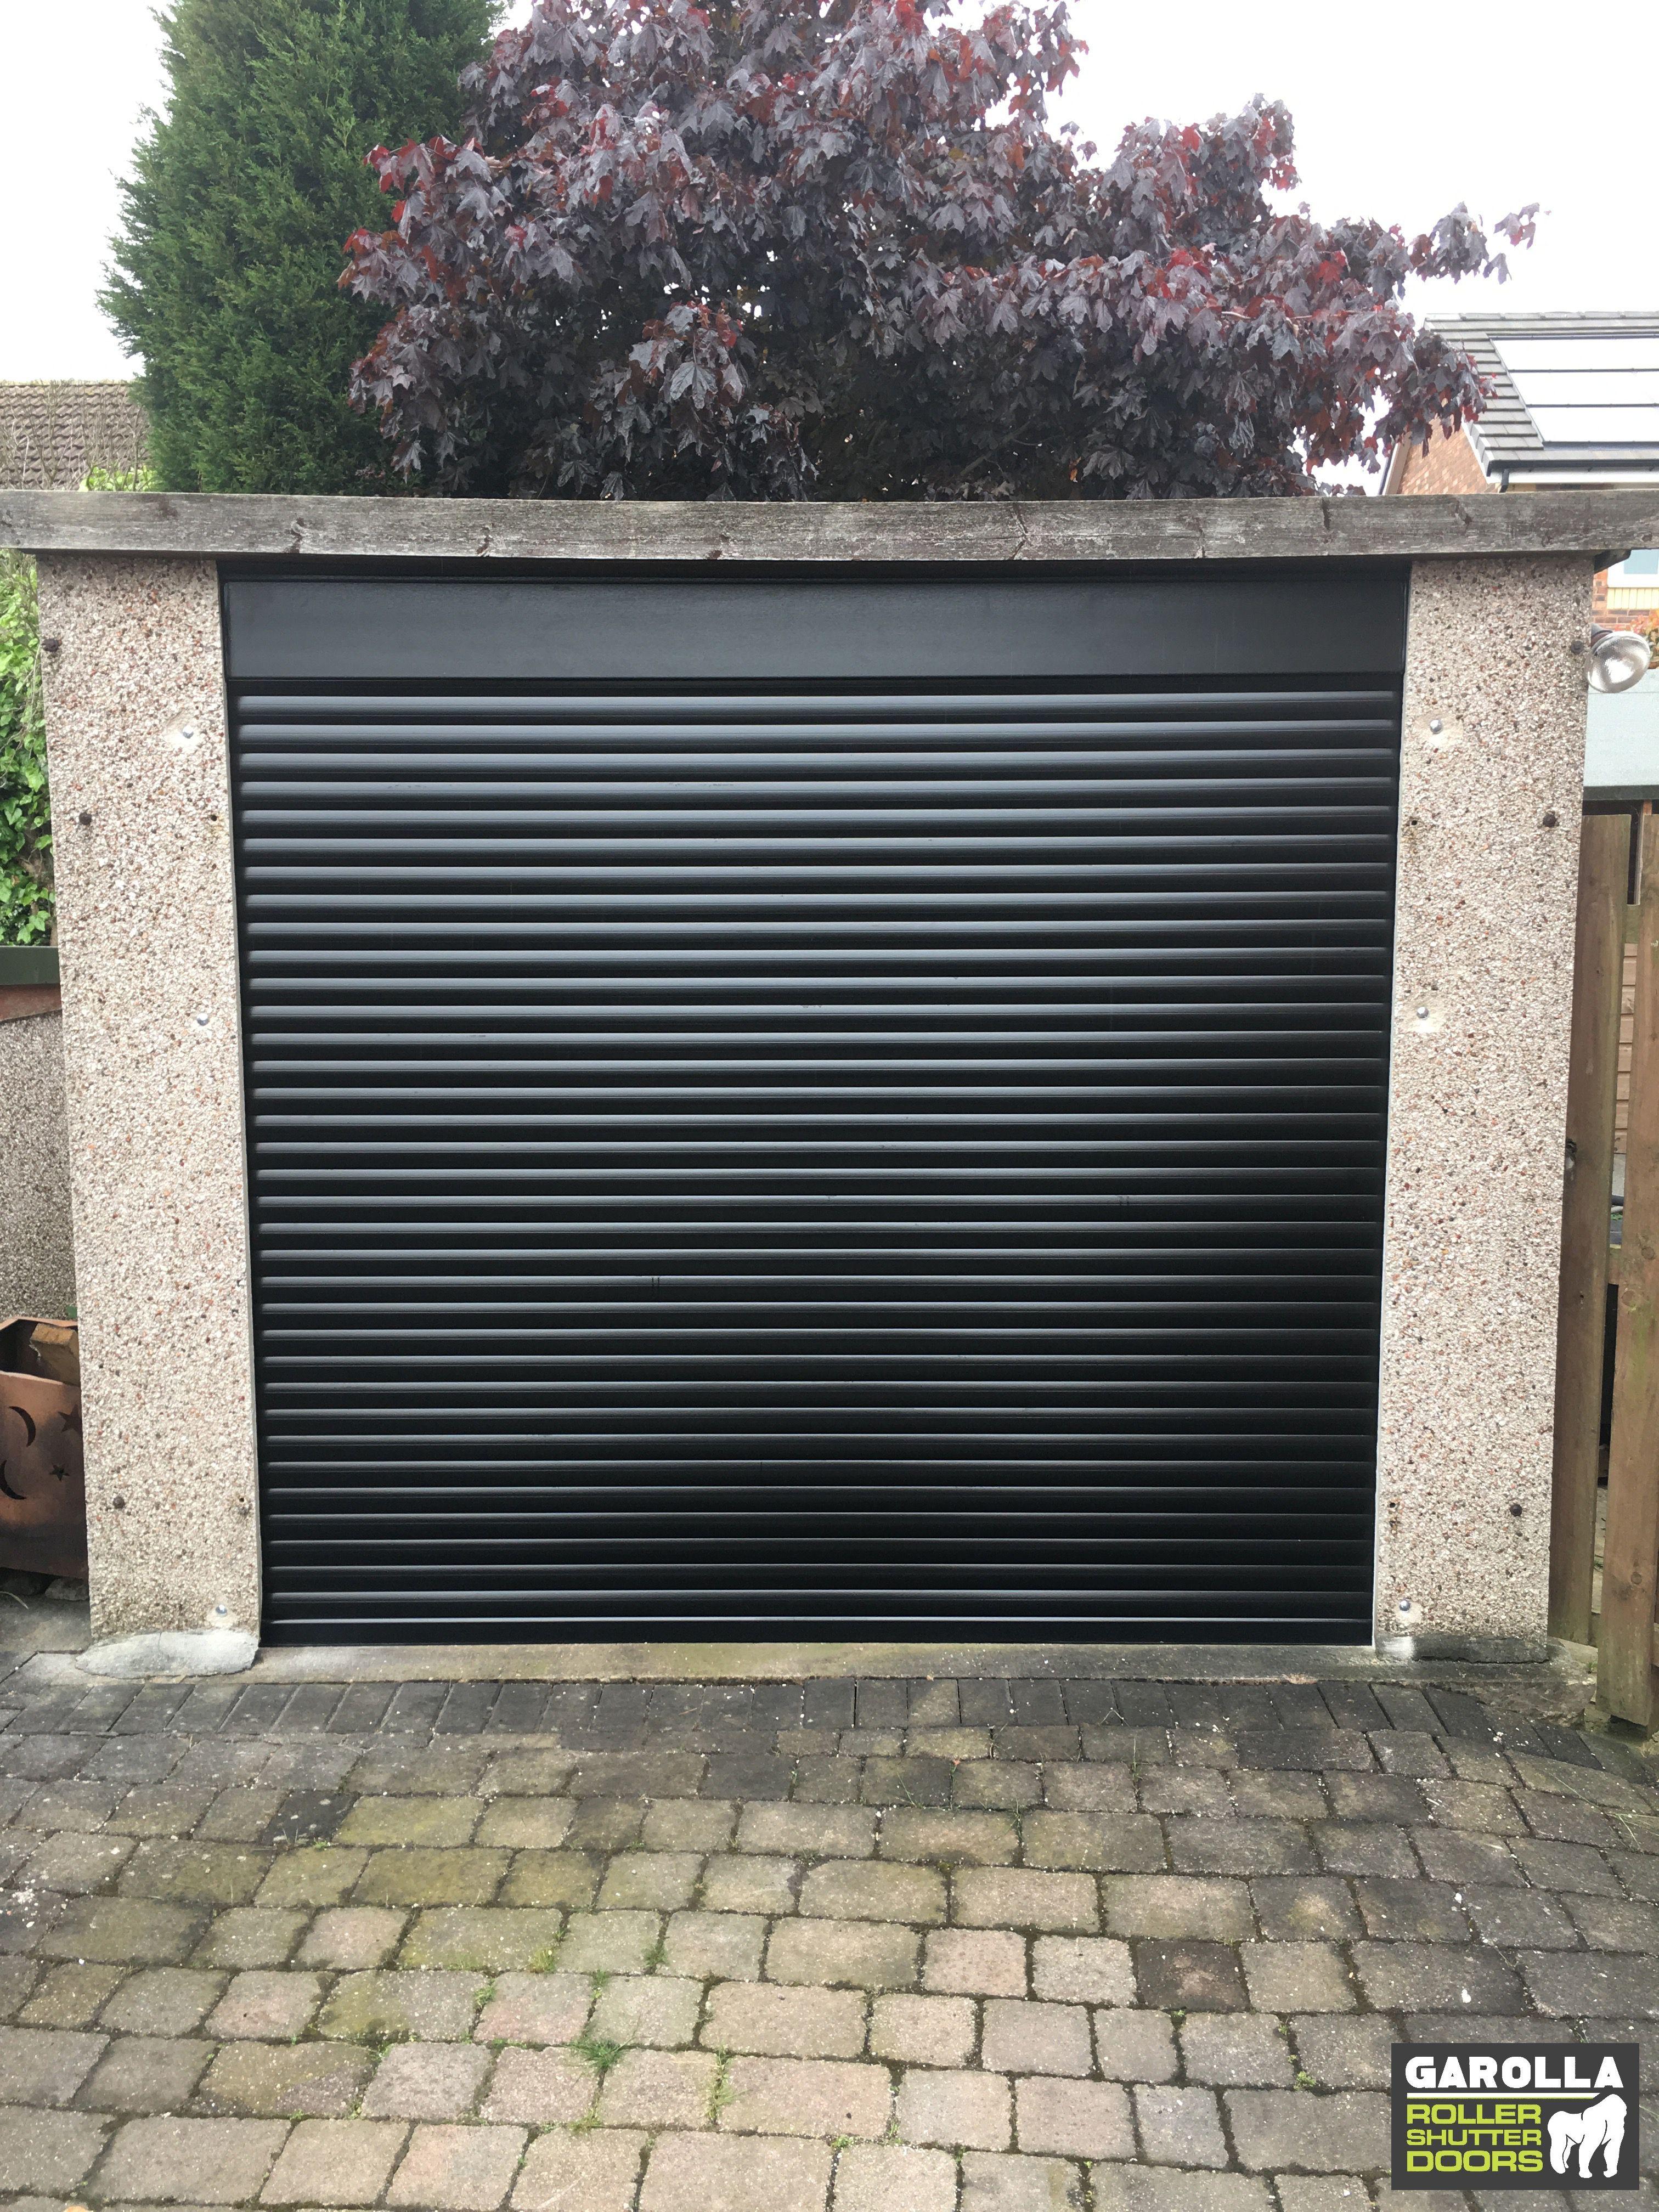 Garolla Garage Door Garage Doors Garage Doors Prices Electric Garage Doors